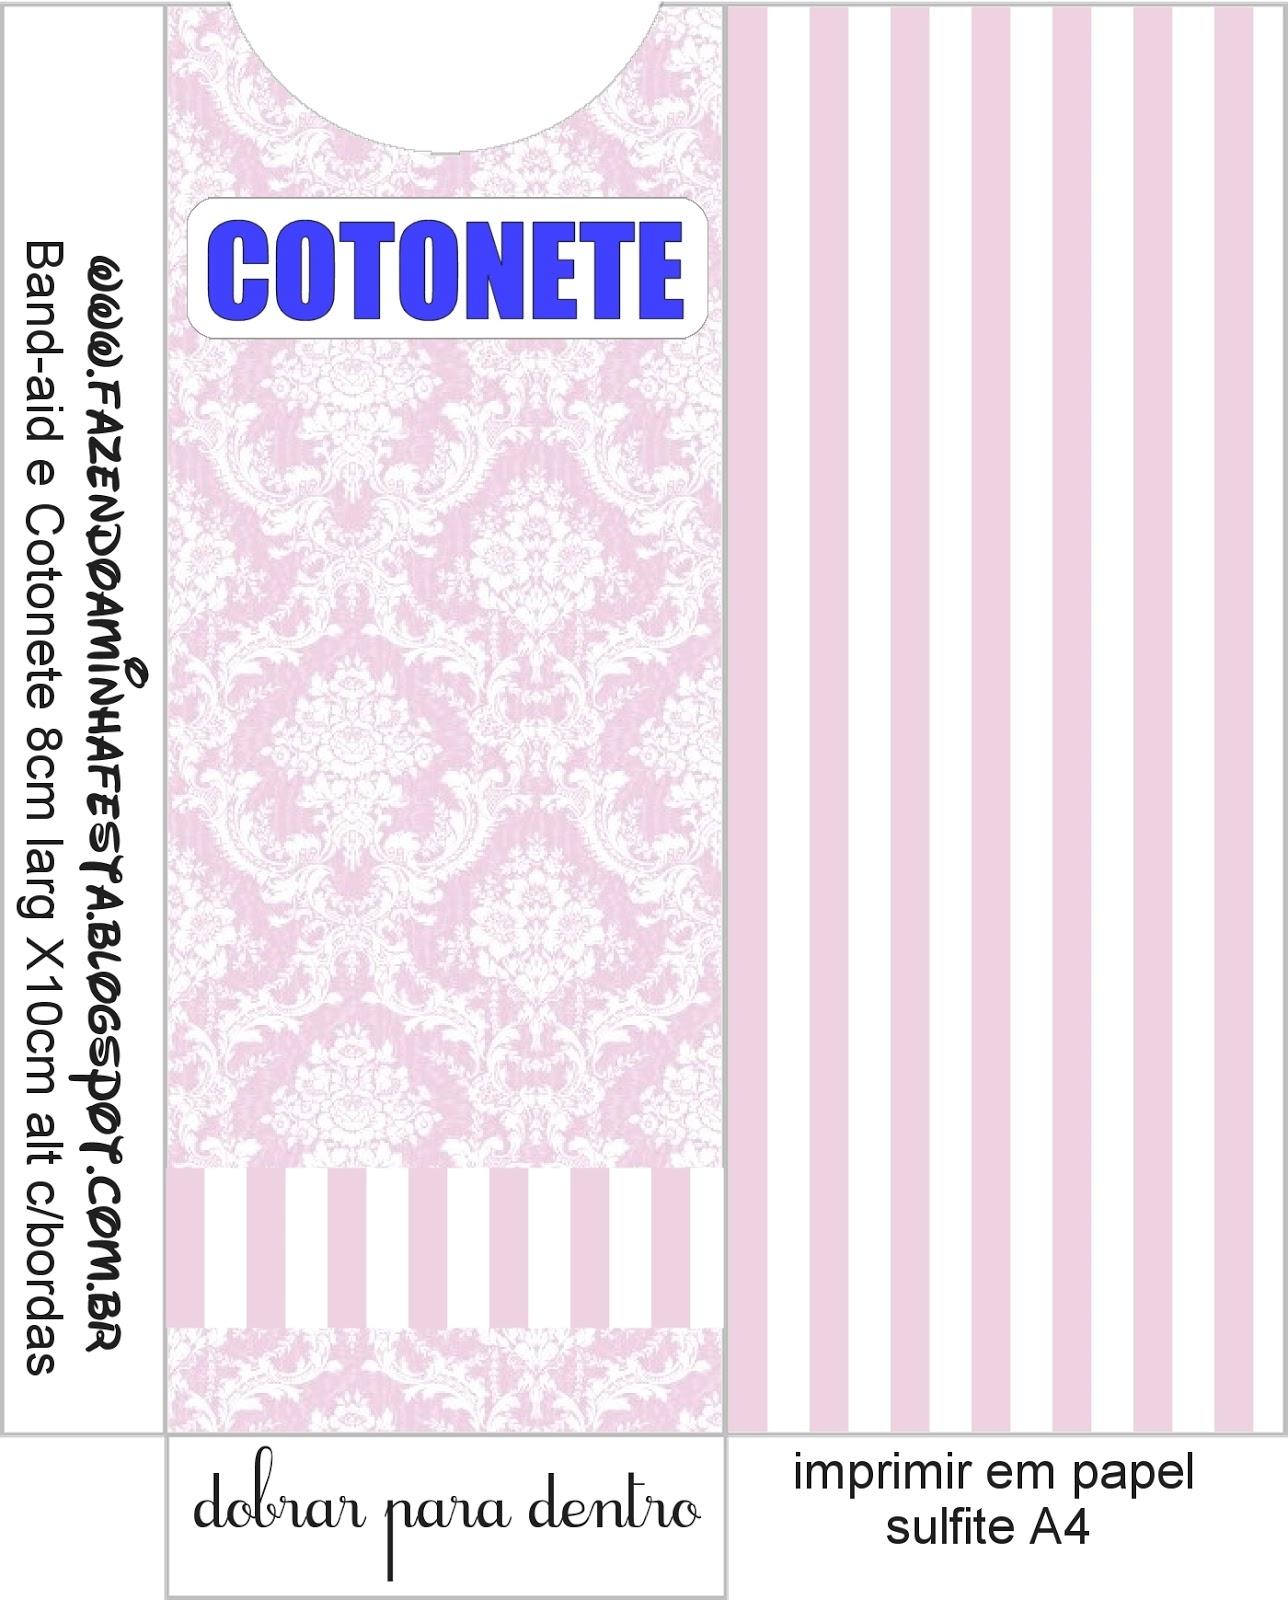 Kit Toilet – Banheiro Rosa Provençal! #0B0CC0 1288 1600